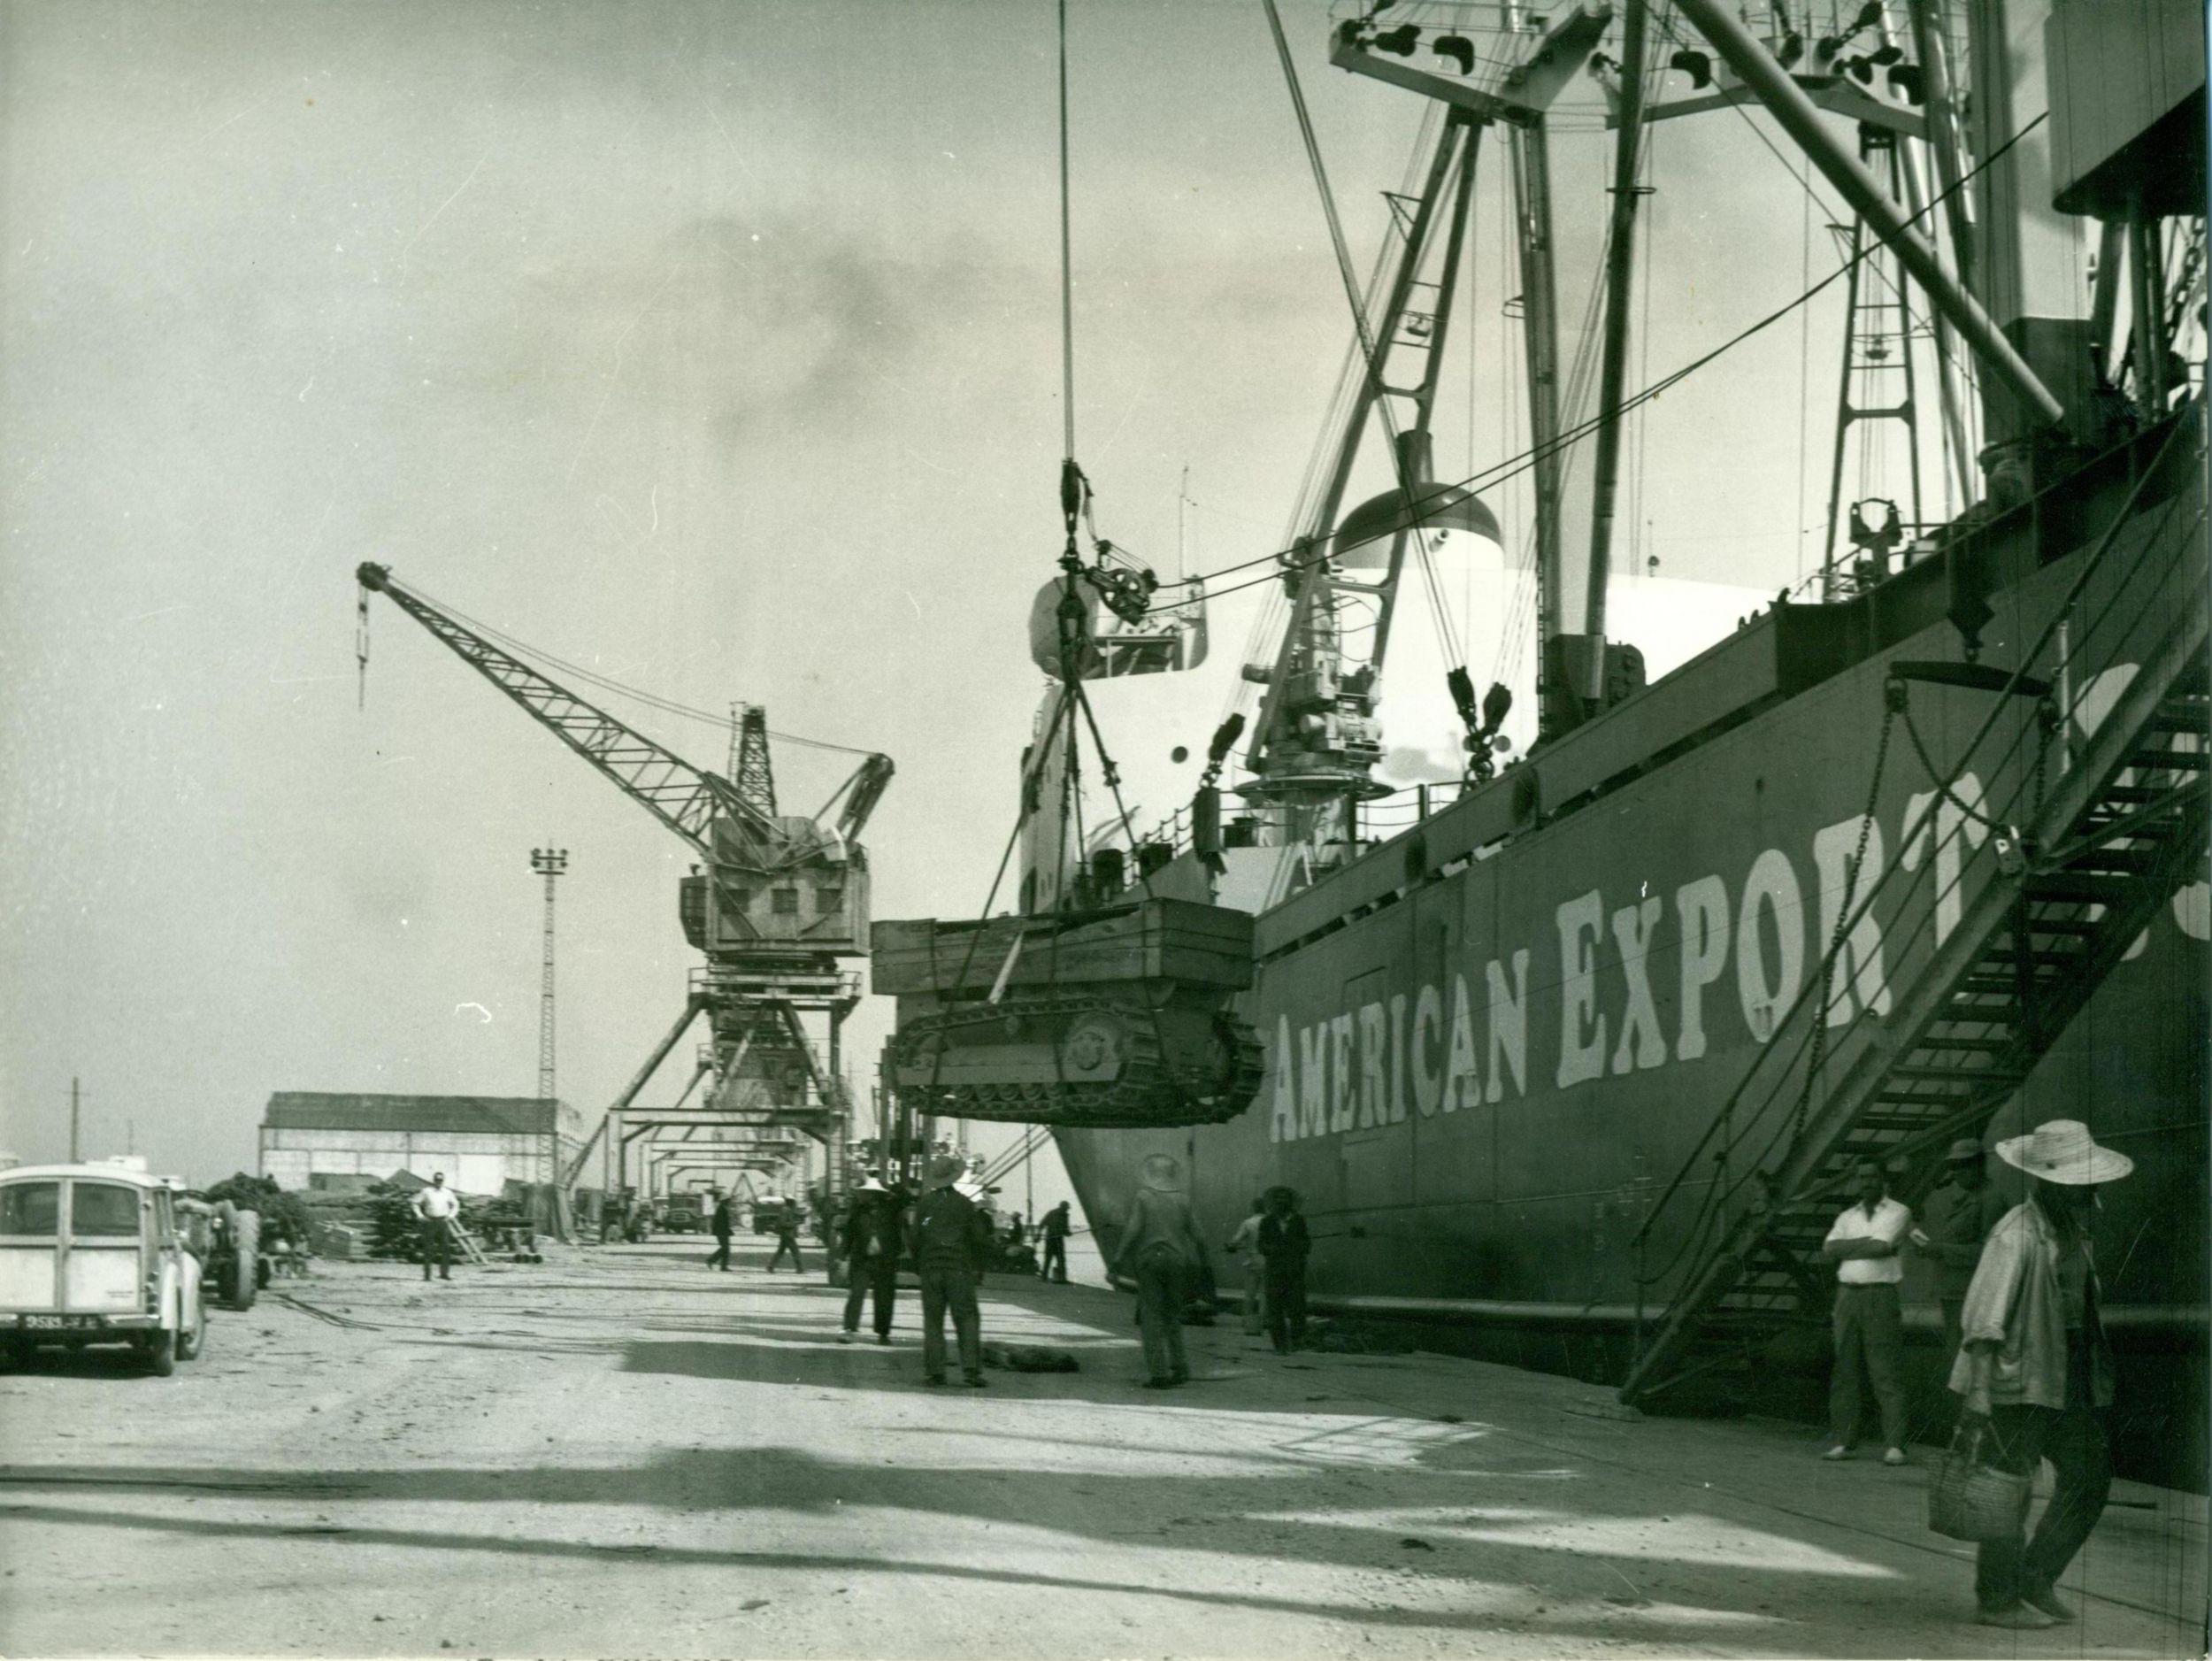 Descarga del primer tractor Caterpillar D4 en el puerto de La Goulette, cerca de Túnez, 1938.